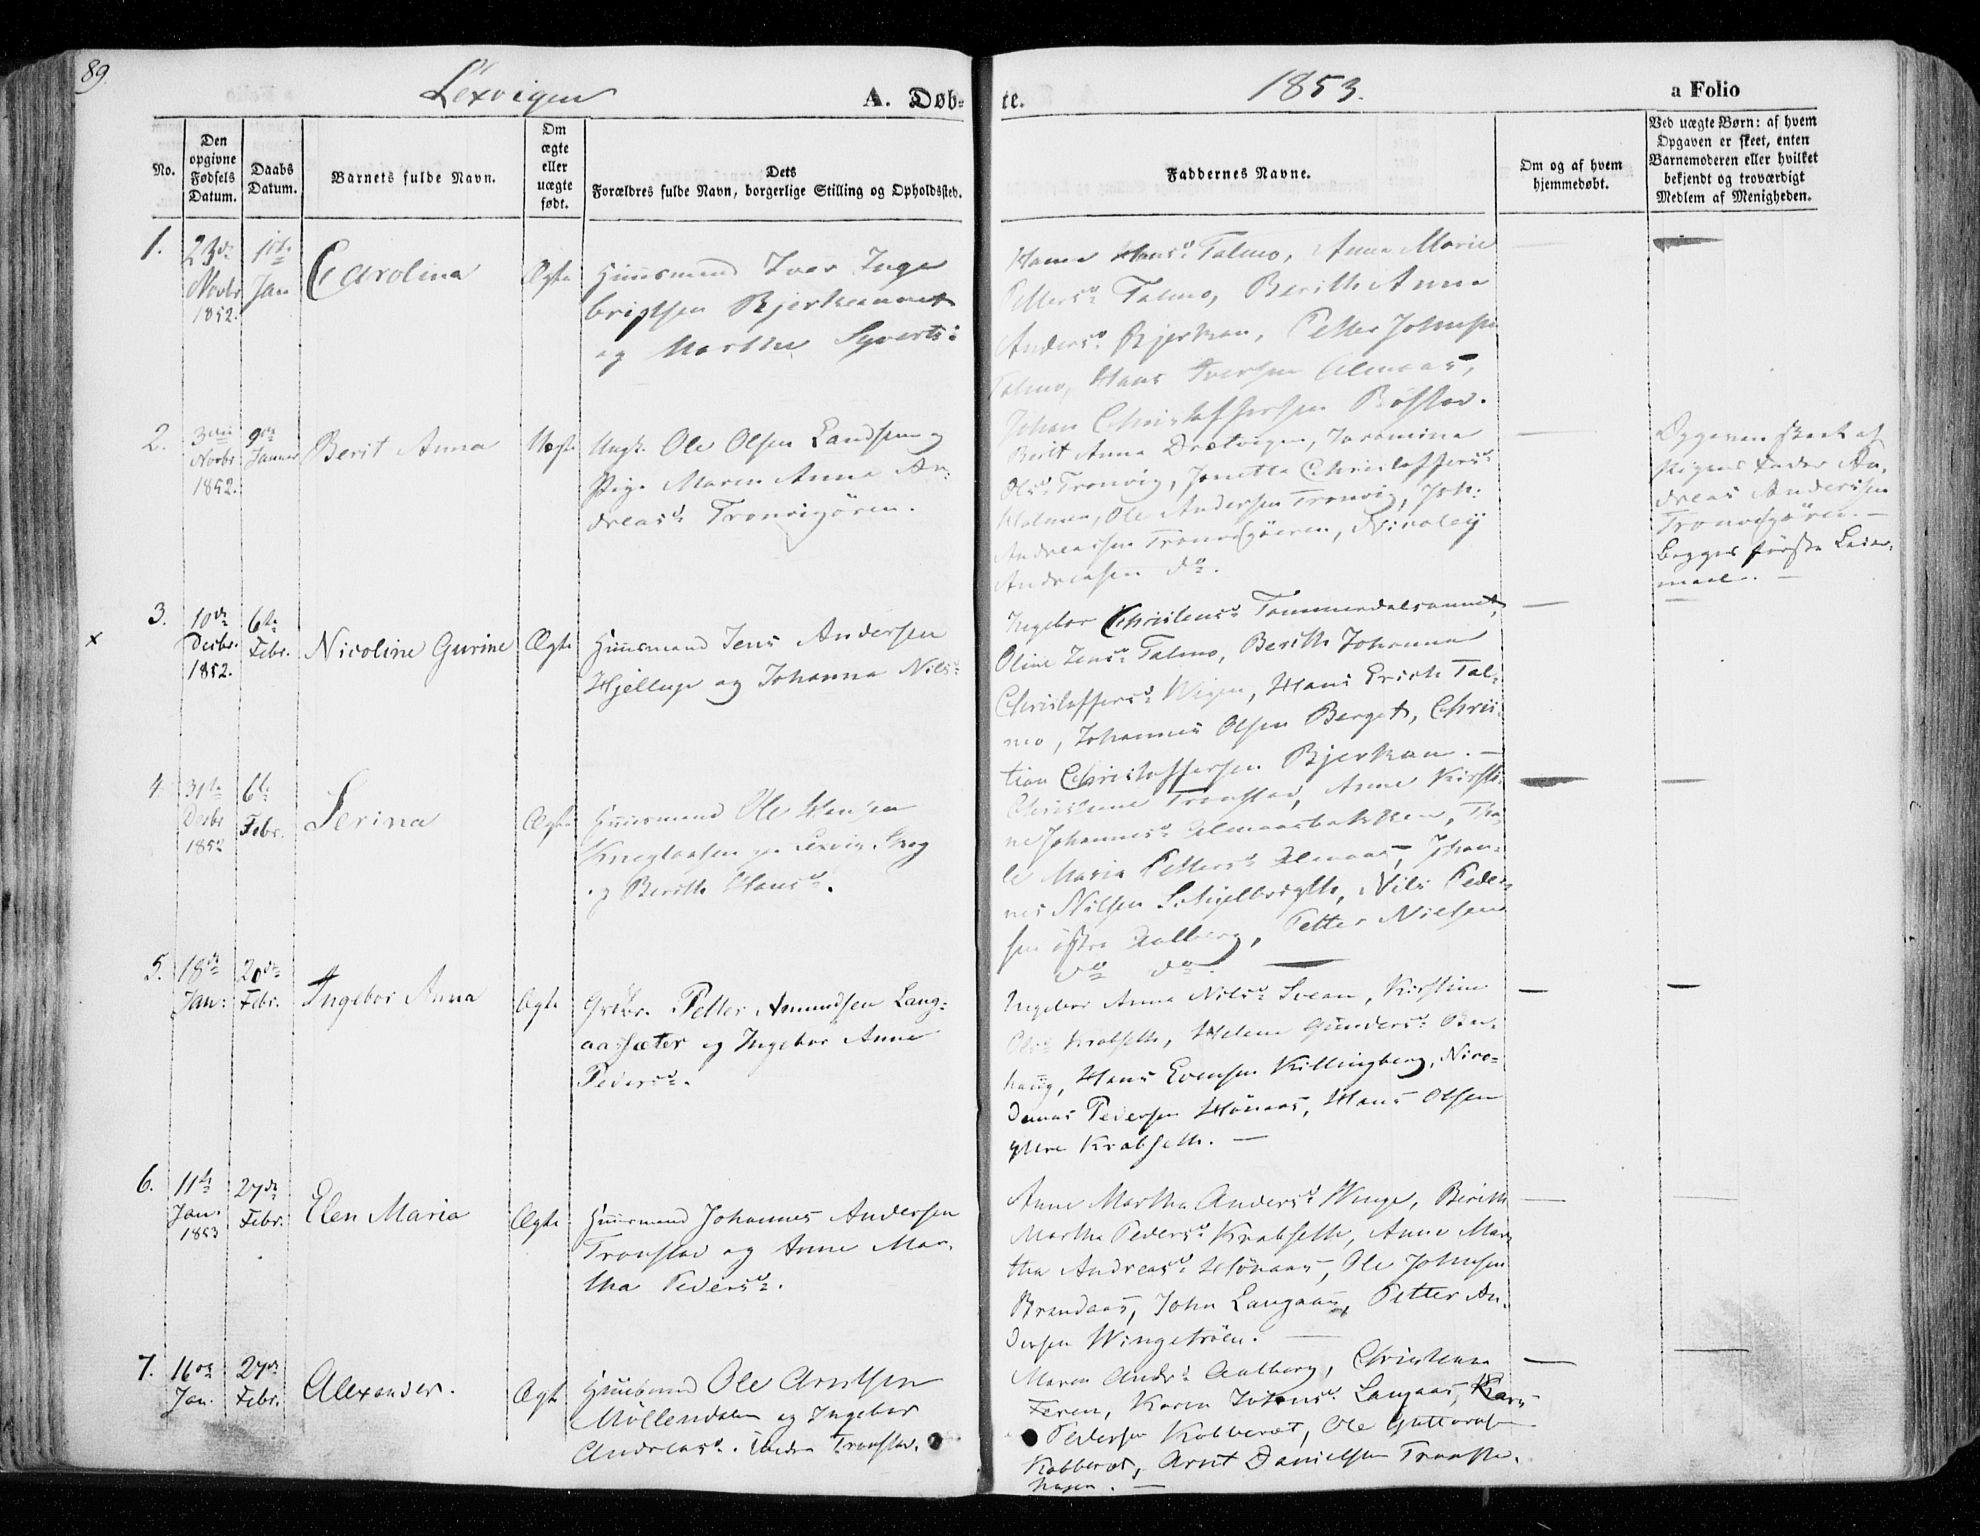 SAT, Ministerialprotokoller, klokkerbøker og fødselsregistre - Nord-Trøndelag, 701/L0007: Parish register (official) no. 701A07 /1, 1842-1854, p. 89